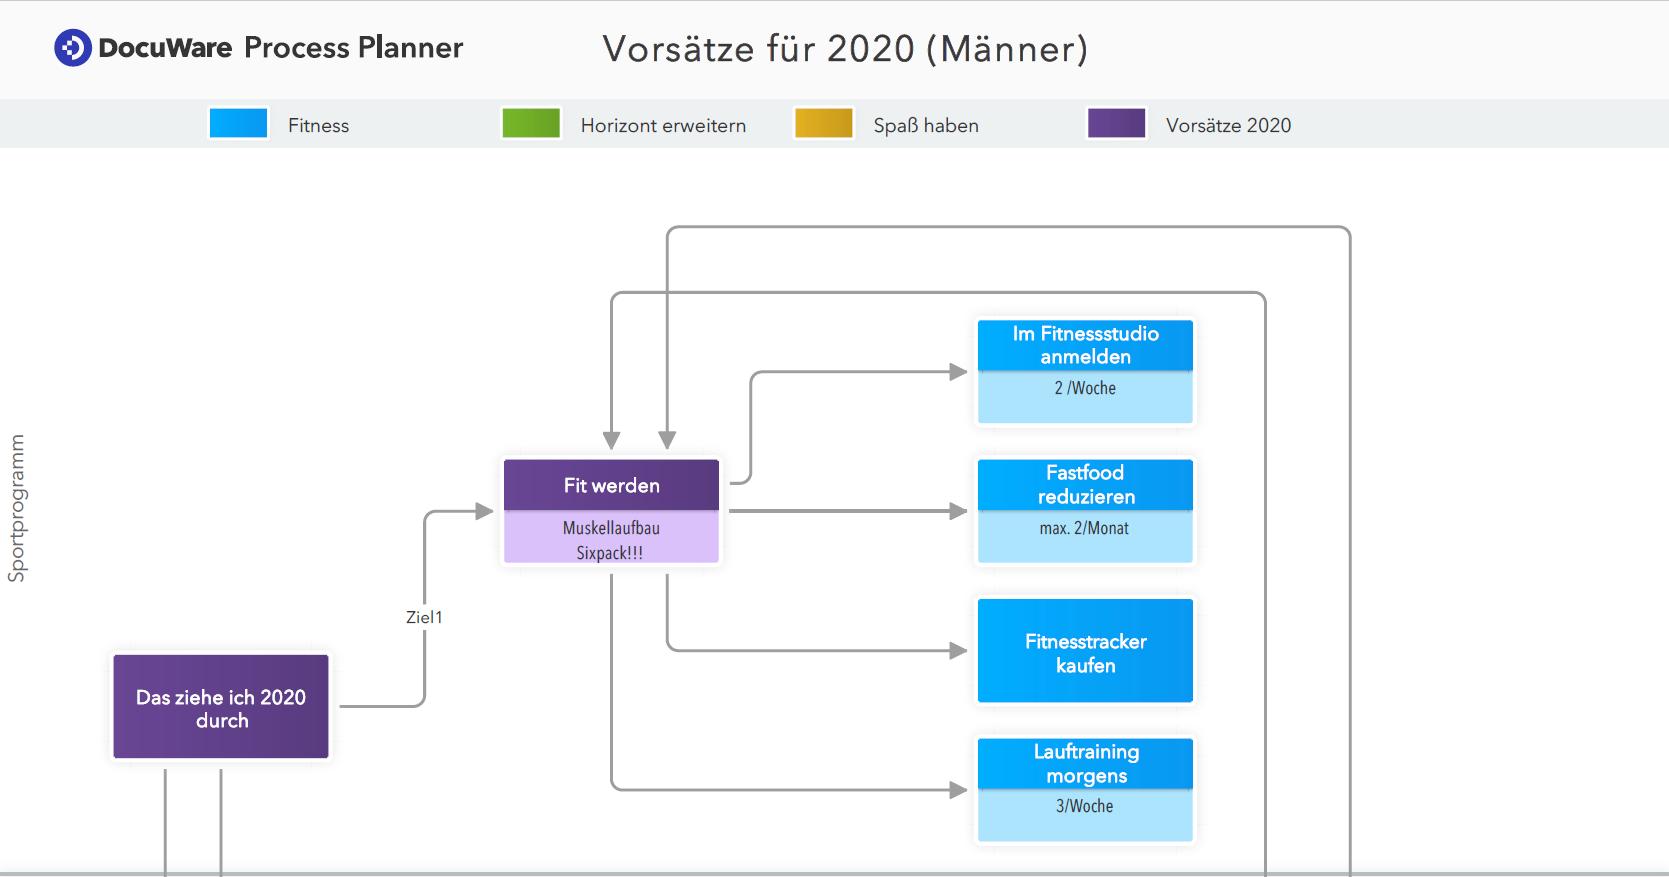 C_Vorsätze für 2020 (Männer)  (1)